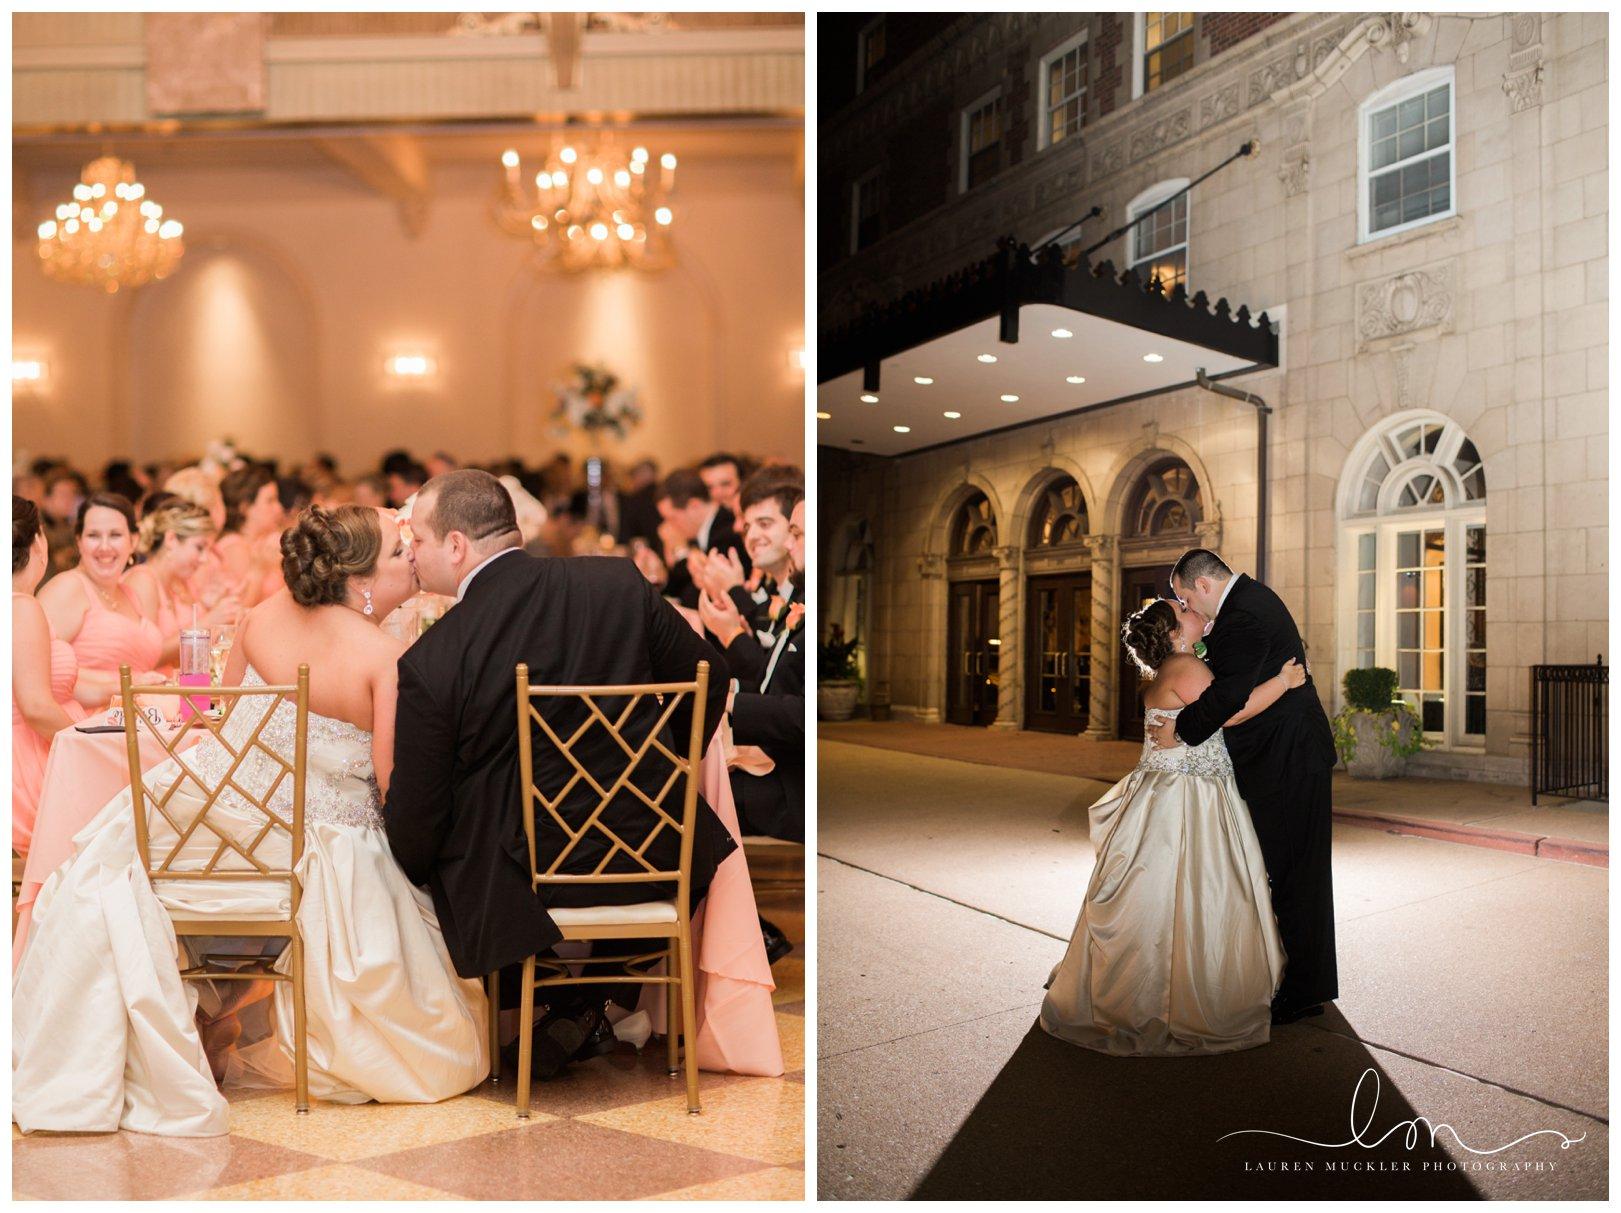 lauren muckler photography_fine art film wedding photography_st louis_photography_0638.jpg